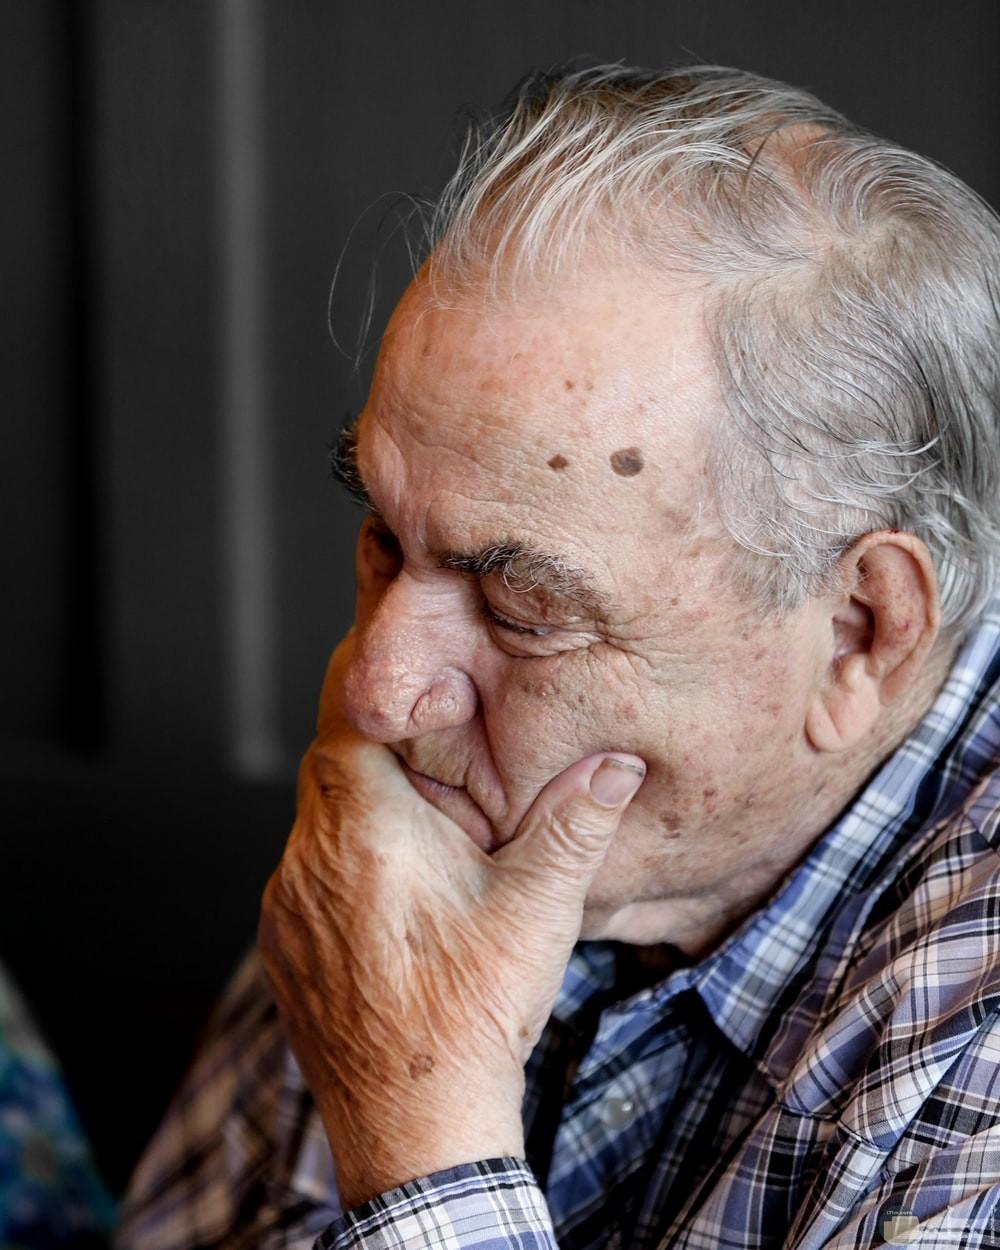 حزن رجل كبير لفقدان زوجته